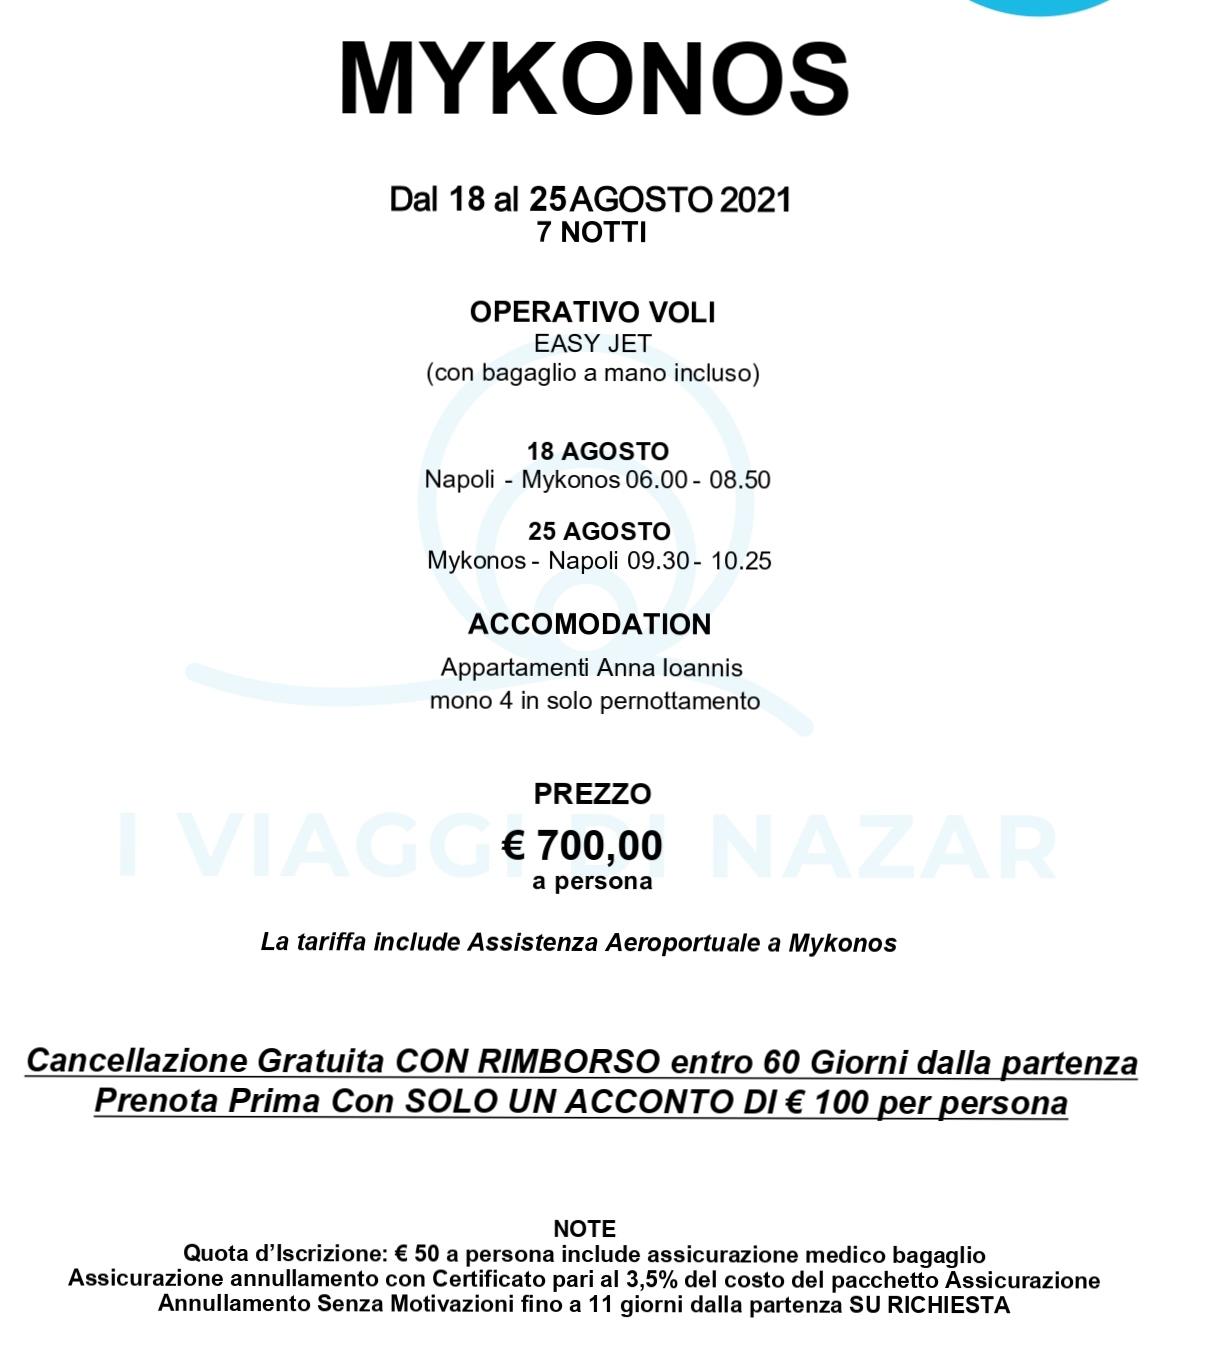 mykonos-164831_page-0001